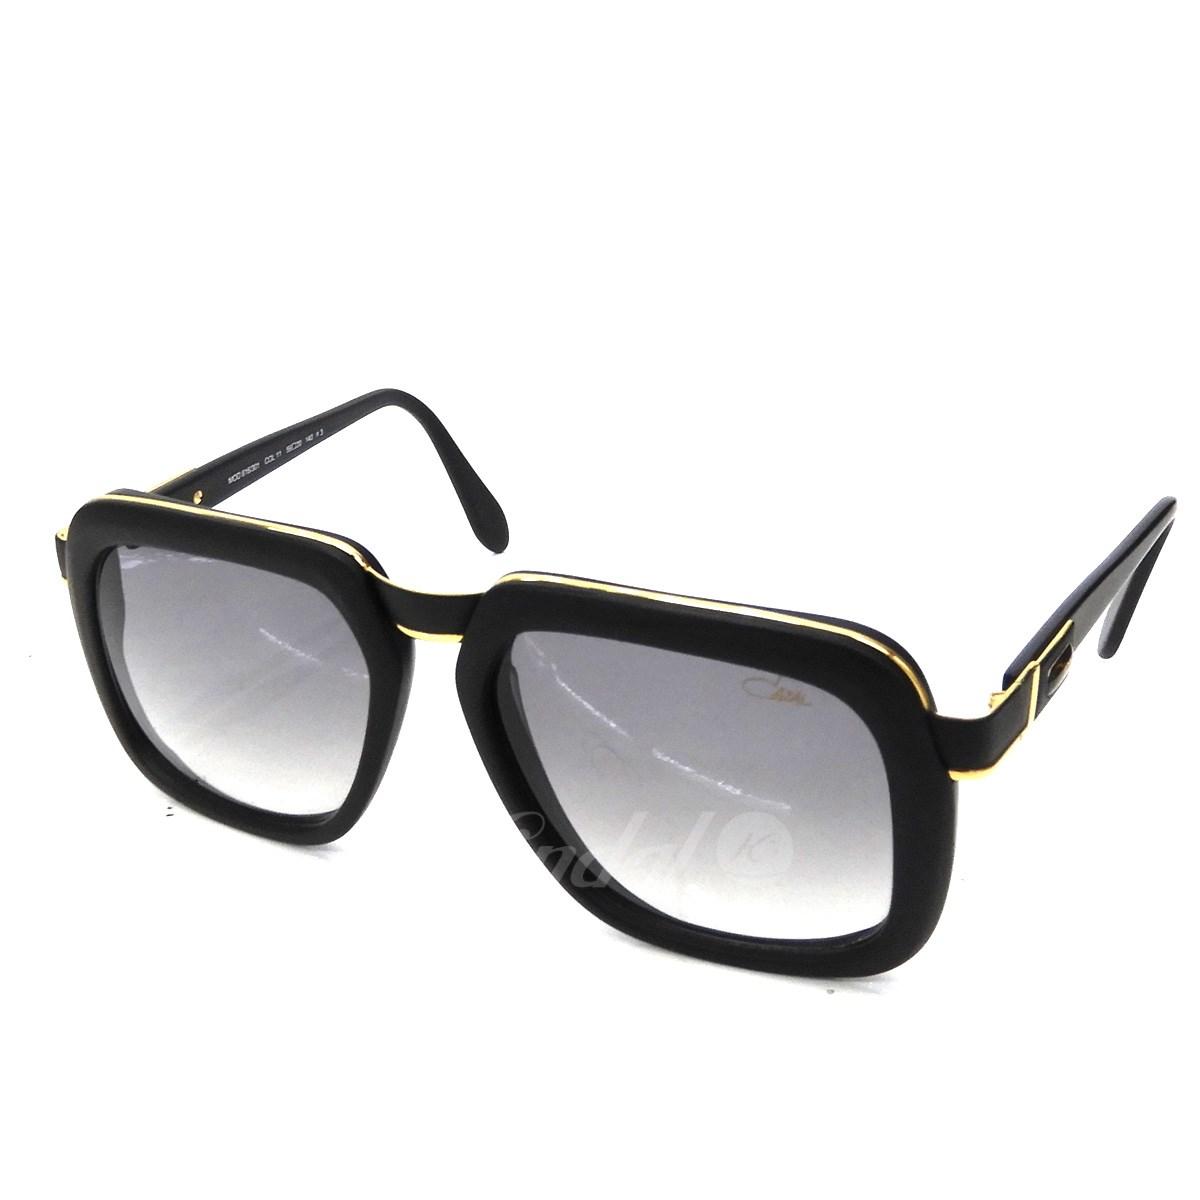 【中古】CAZAL 「MOD 616/301」サングラス ブラック サイズ:56□20 140 【送料無料】 【301118】(カザール)